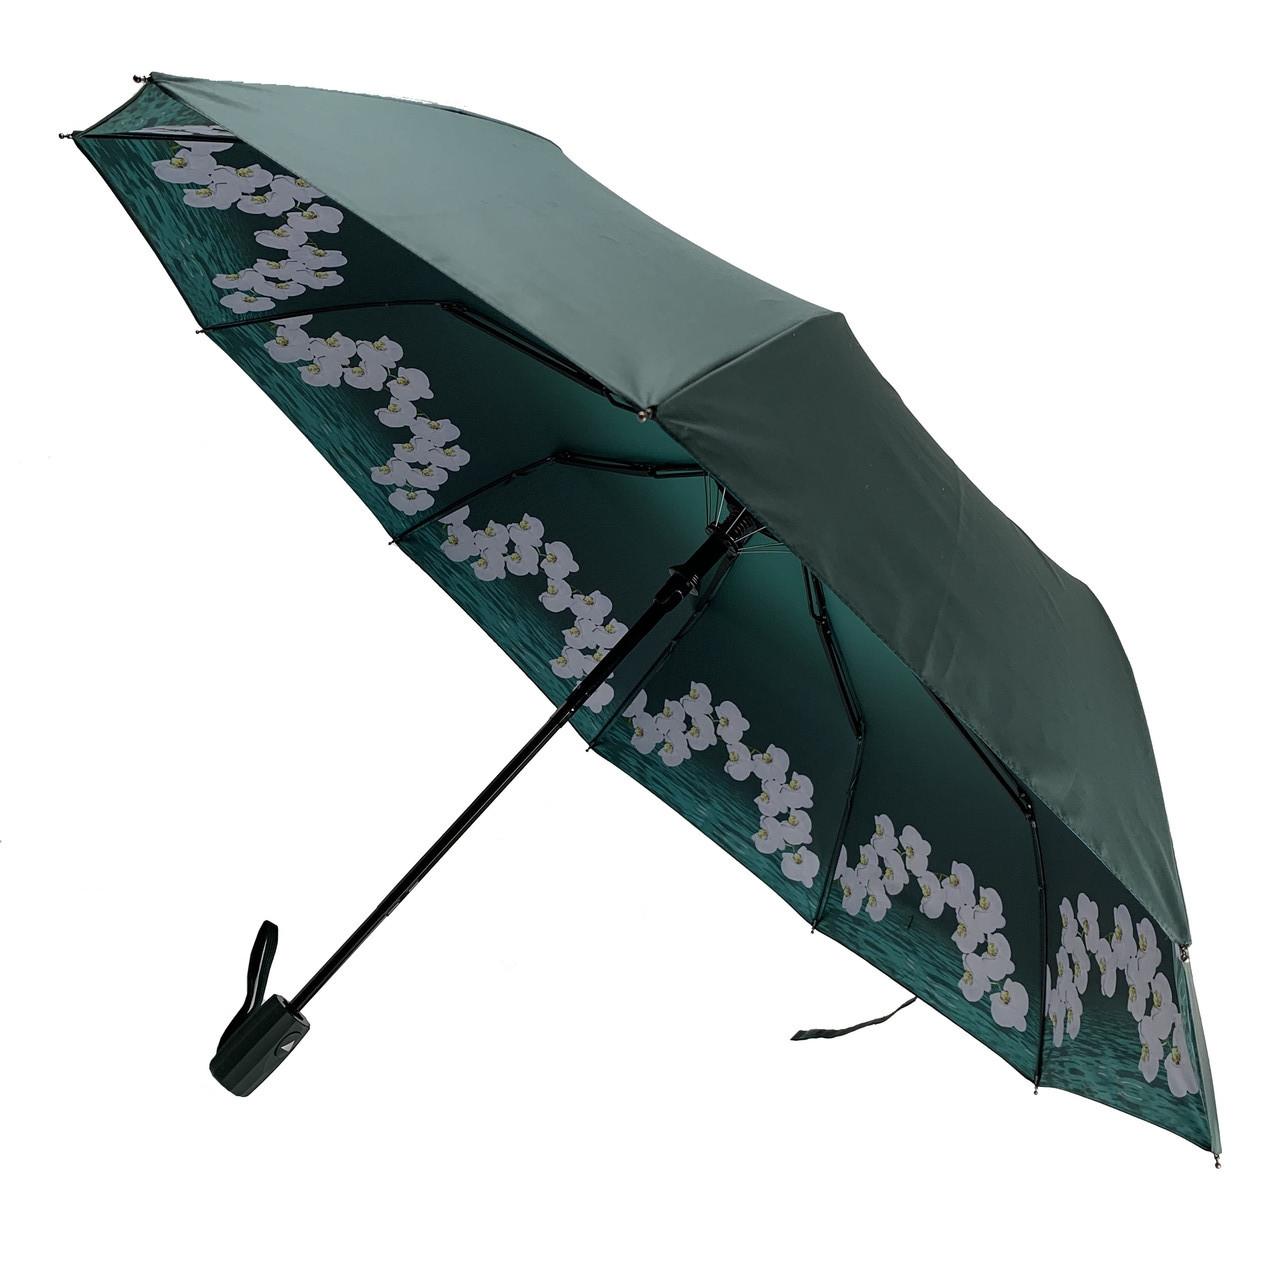 Женский складной зонт-полуавтомат с двойной тканью от Flagman с принтом орхидей, темно-зеленый, 516-1